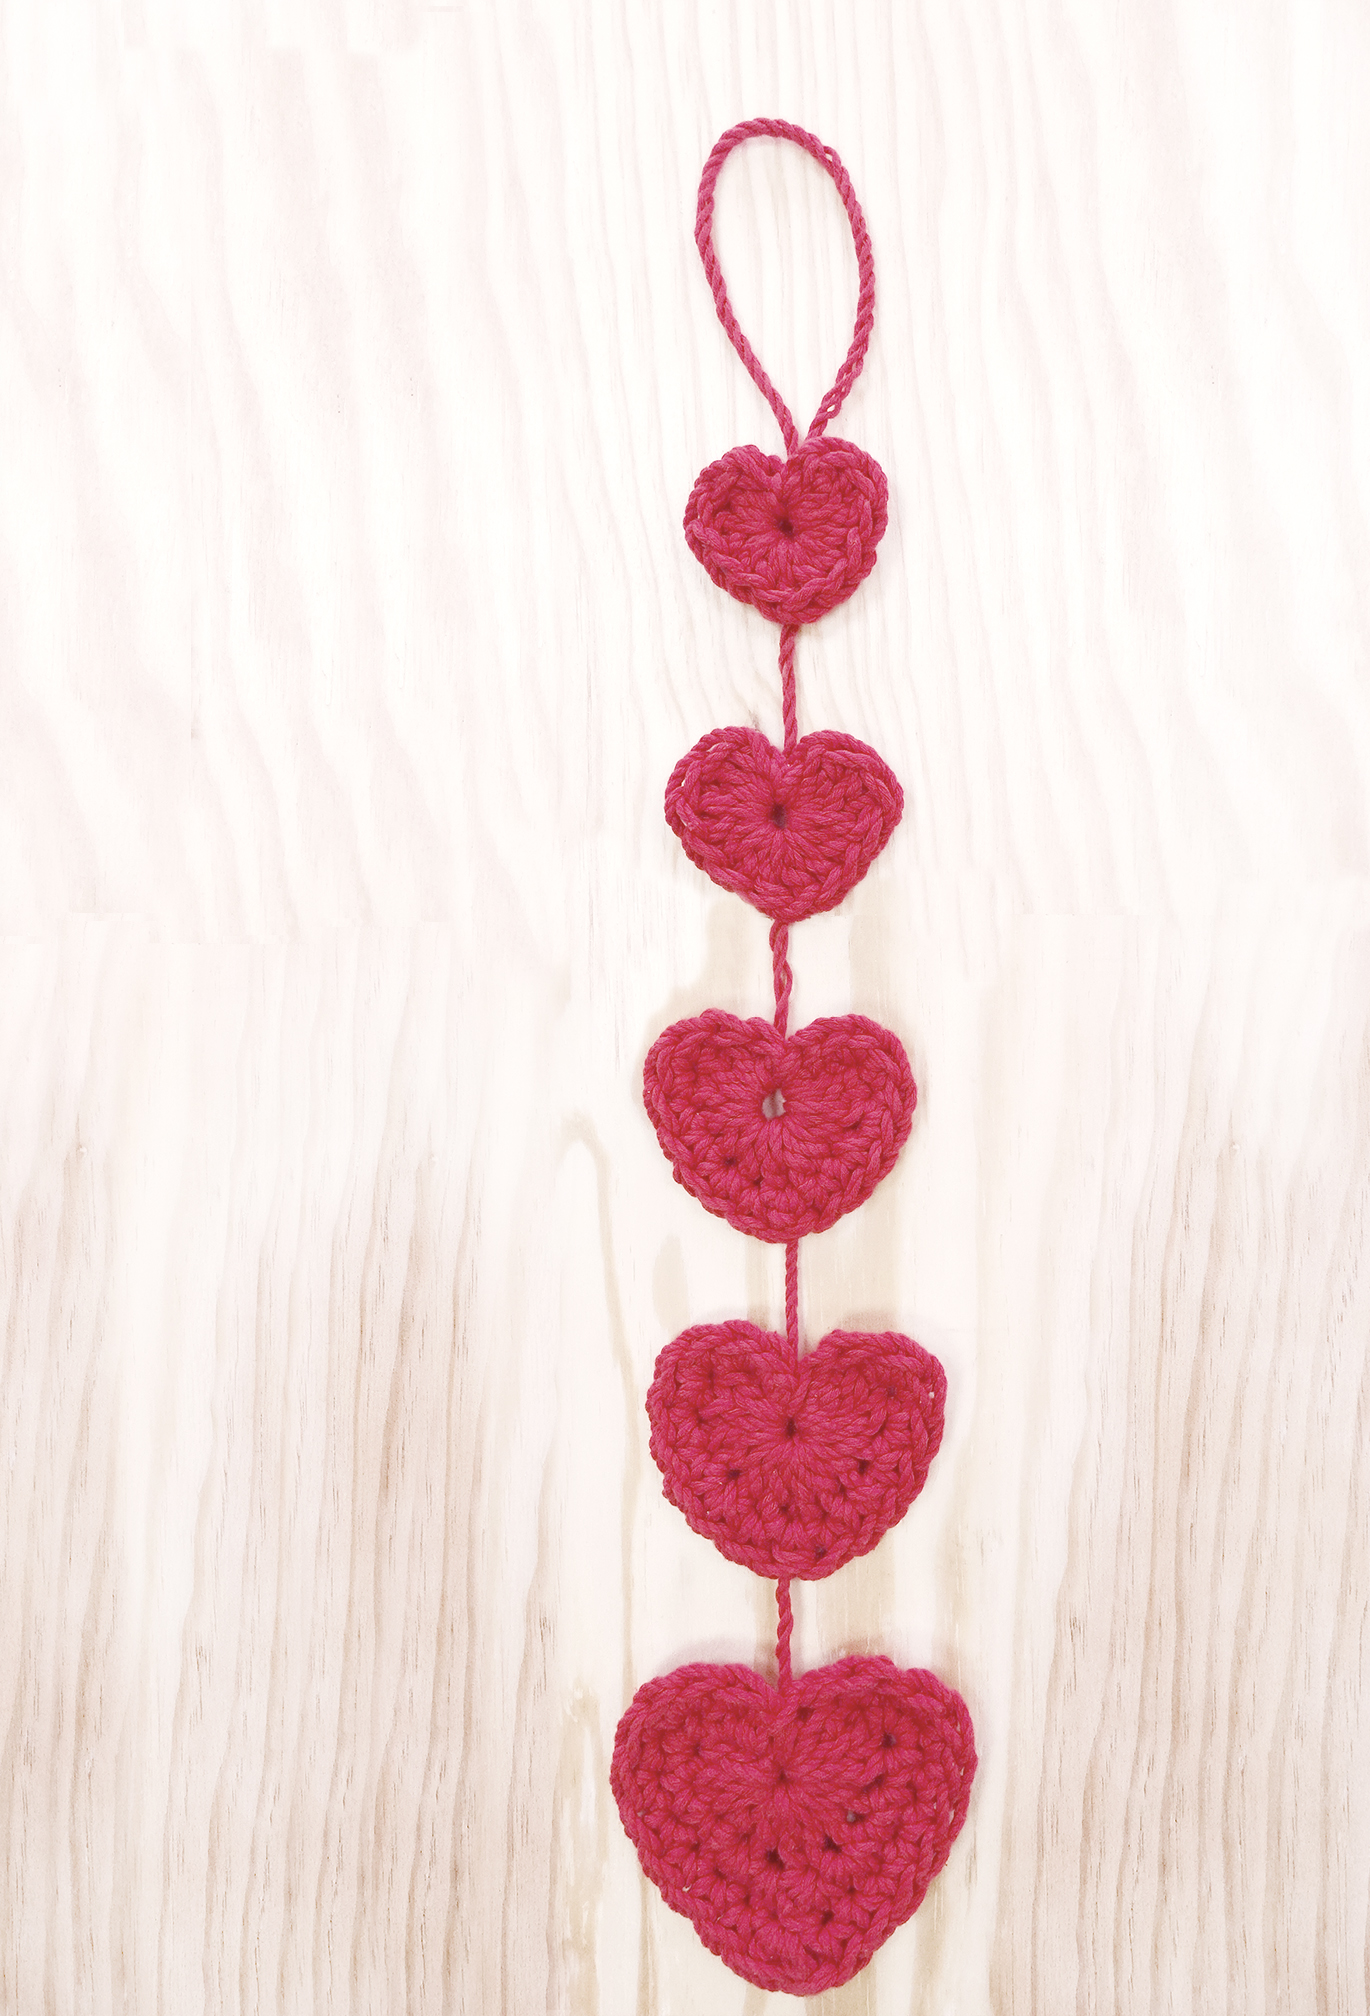 Tutorial gratuito diy de decoraci n para san valent n for Decoracion de pared para san valentin